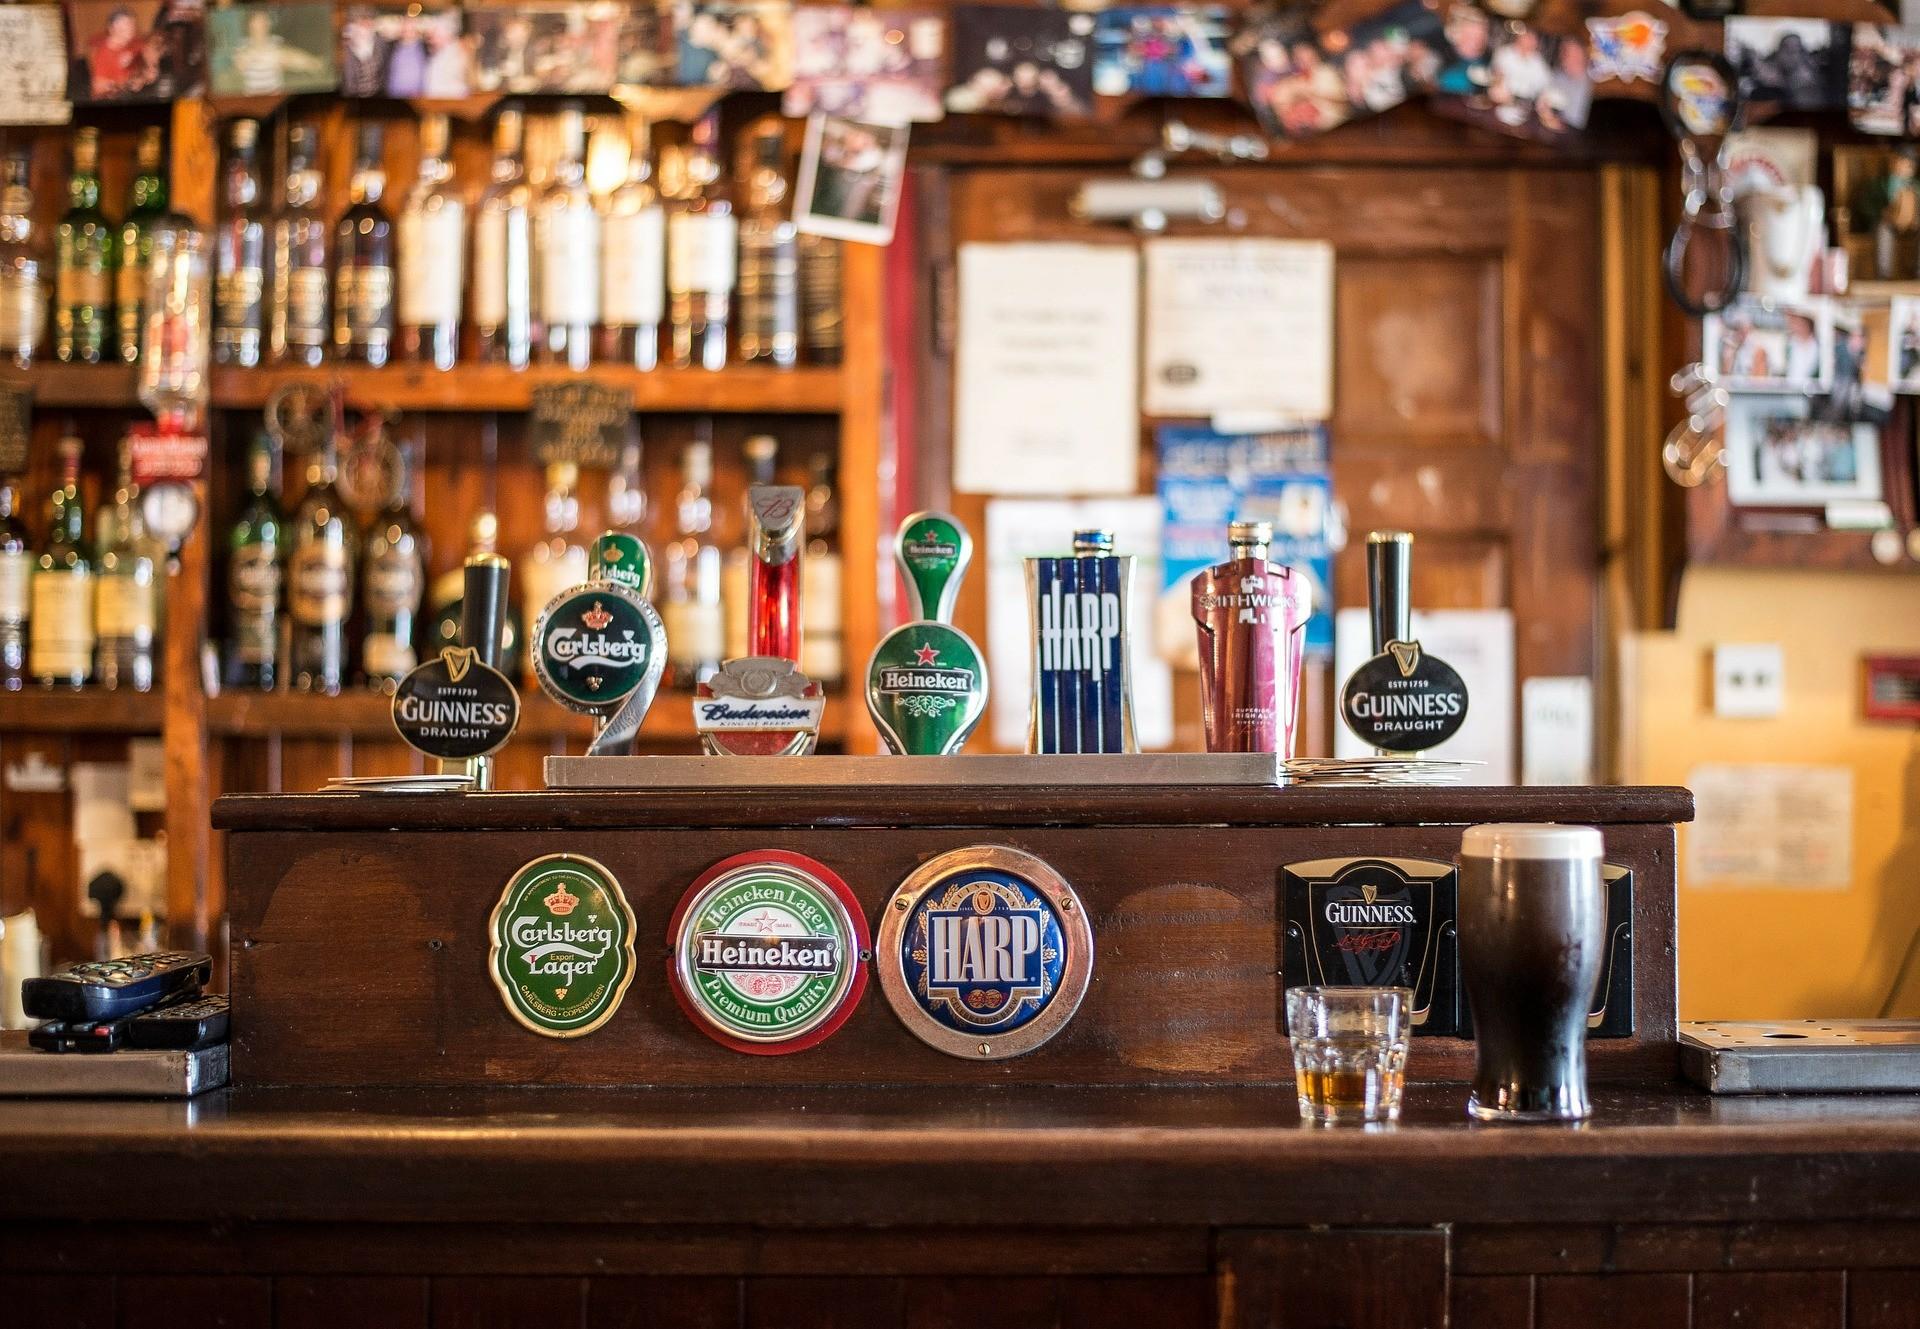 Un pub irlandais typique.